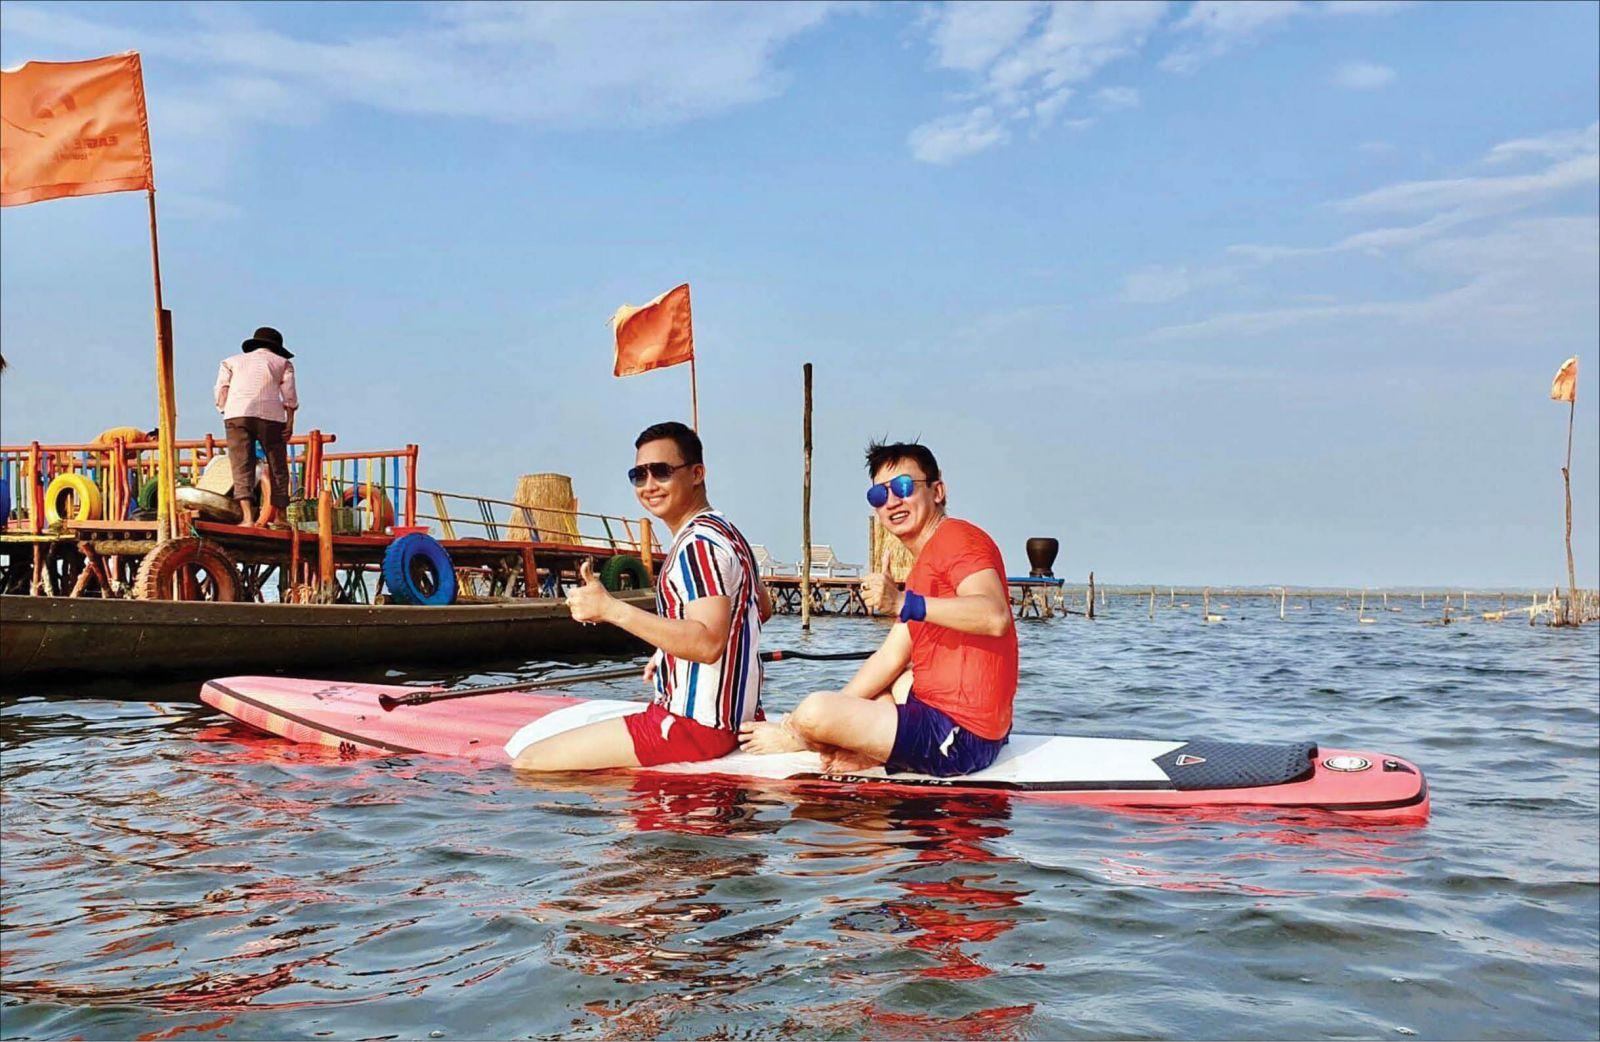 Du lịch Thừa Thiên Huế: Thêm điểm mới, thêm thu hút khách